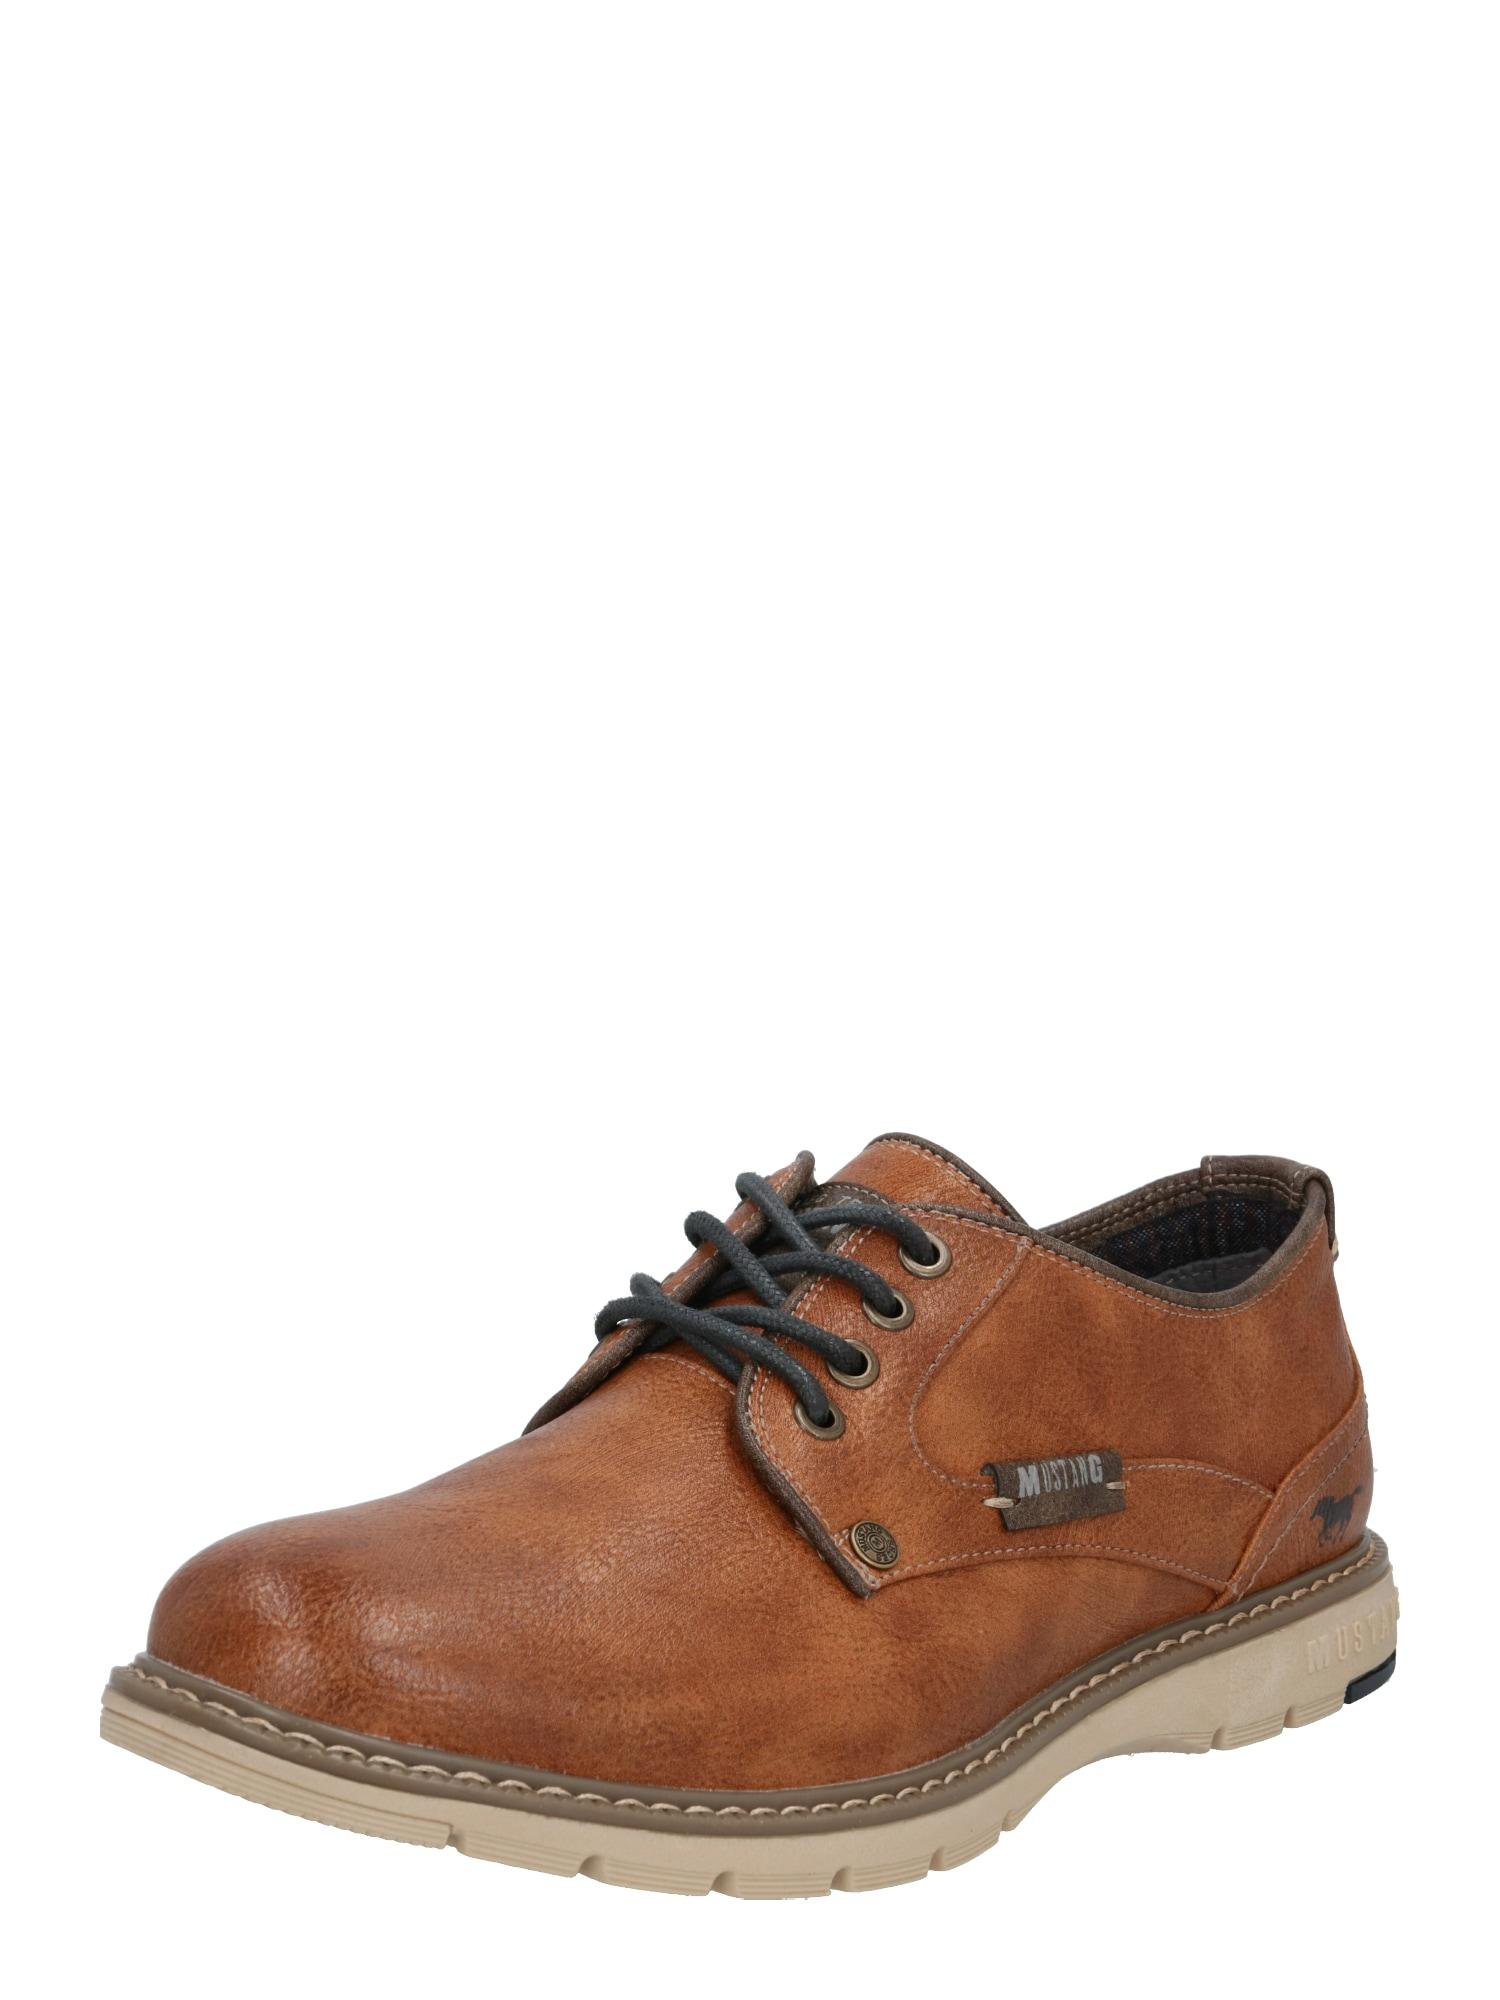 MUSTANG Sportinio stiliaus batai su raišteliais ruda (konjako)